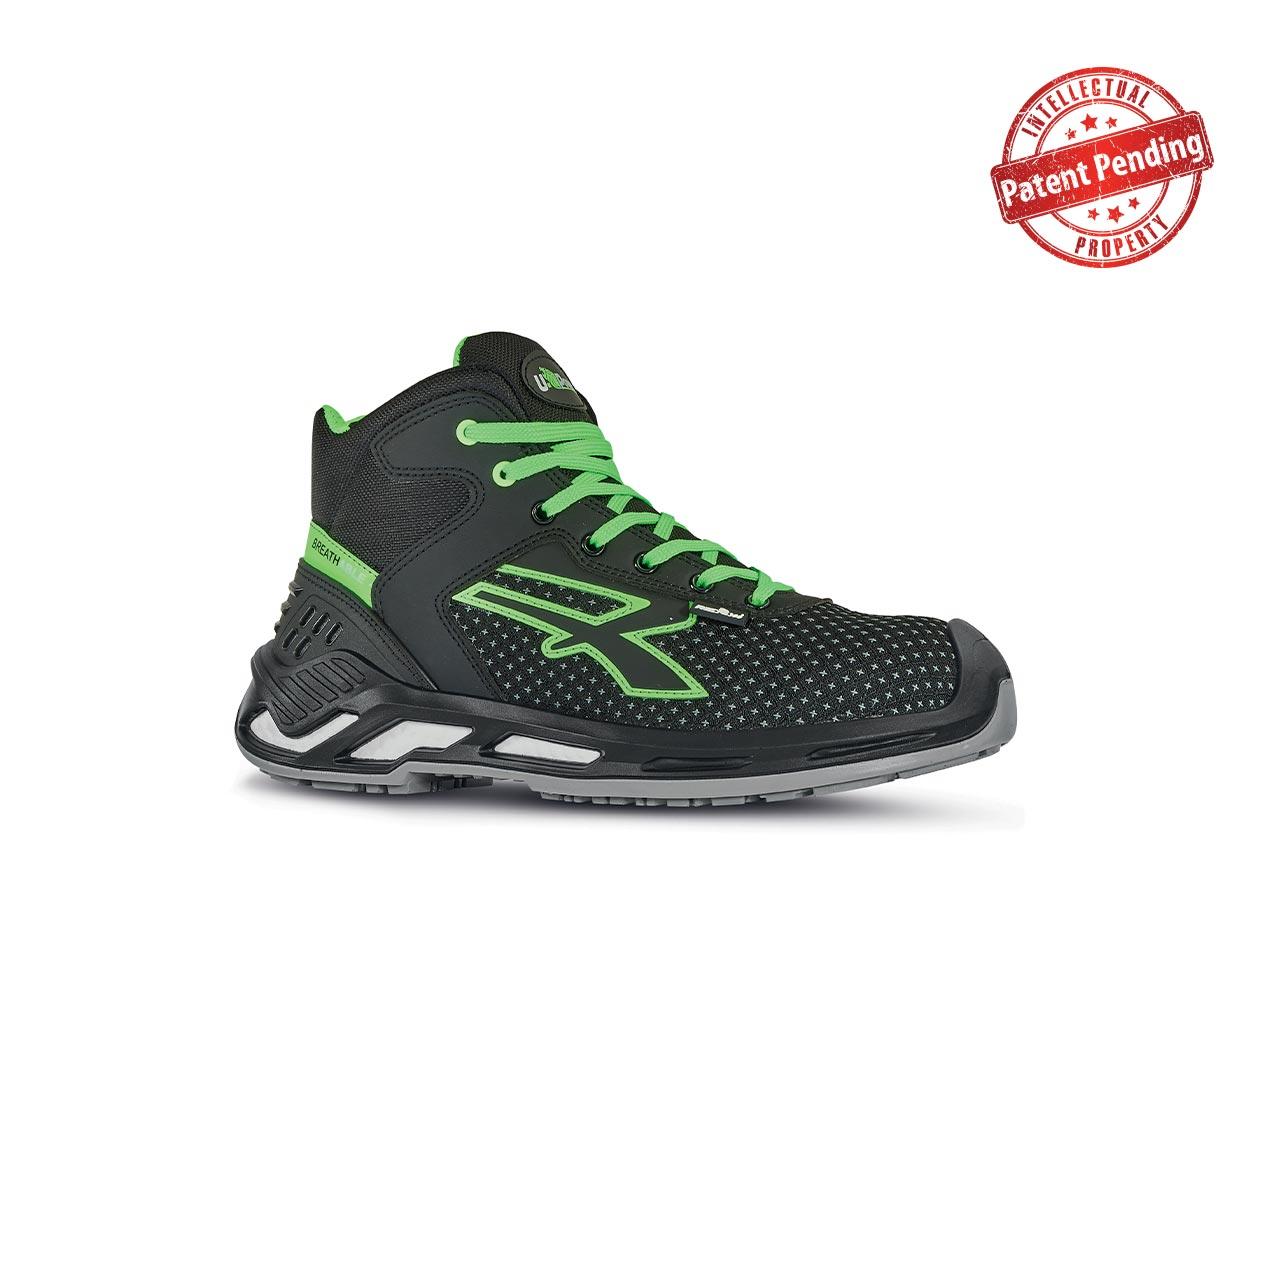 scarpa antinfortunistica upower modello harry linea red360 vista laterale